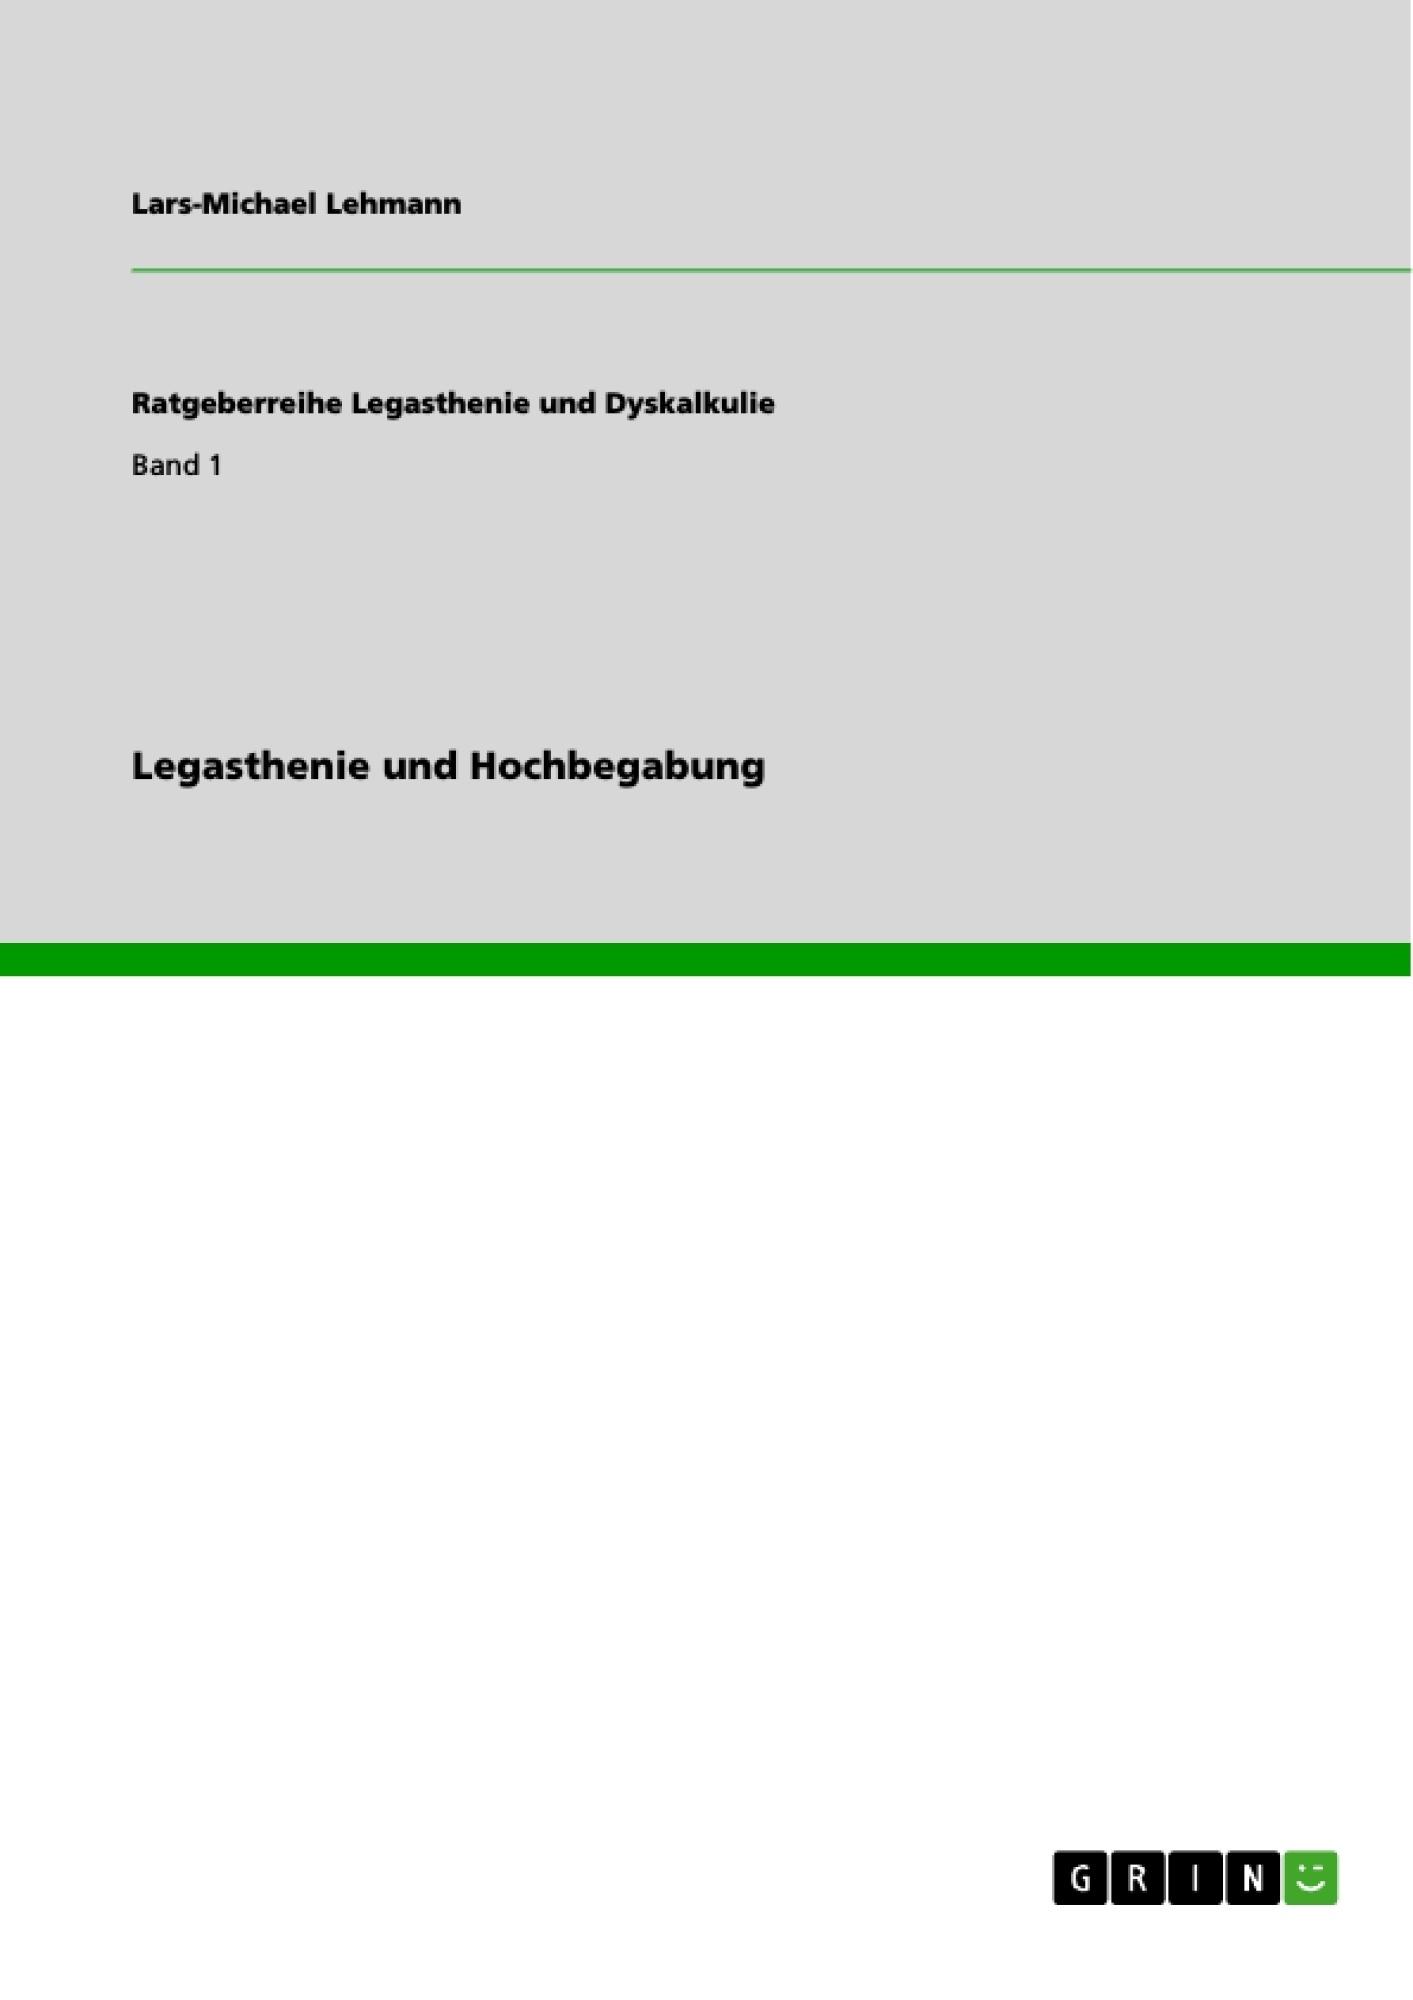 Titel: Legasthenie und Hochbegabung